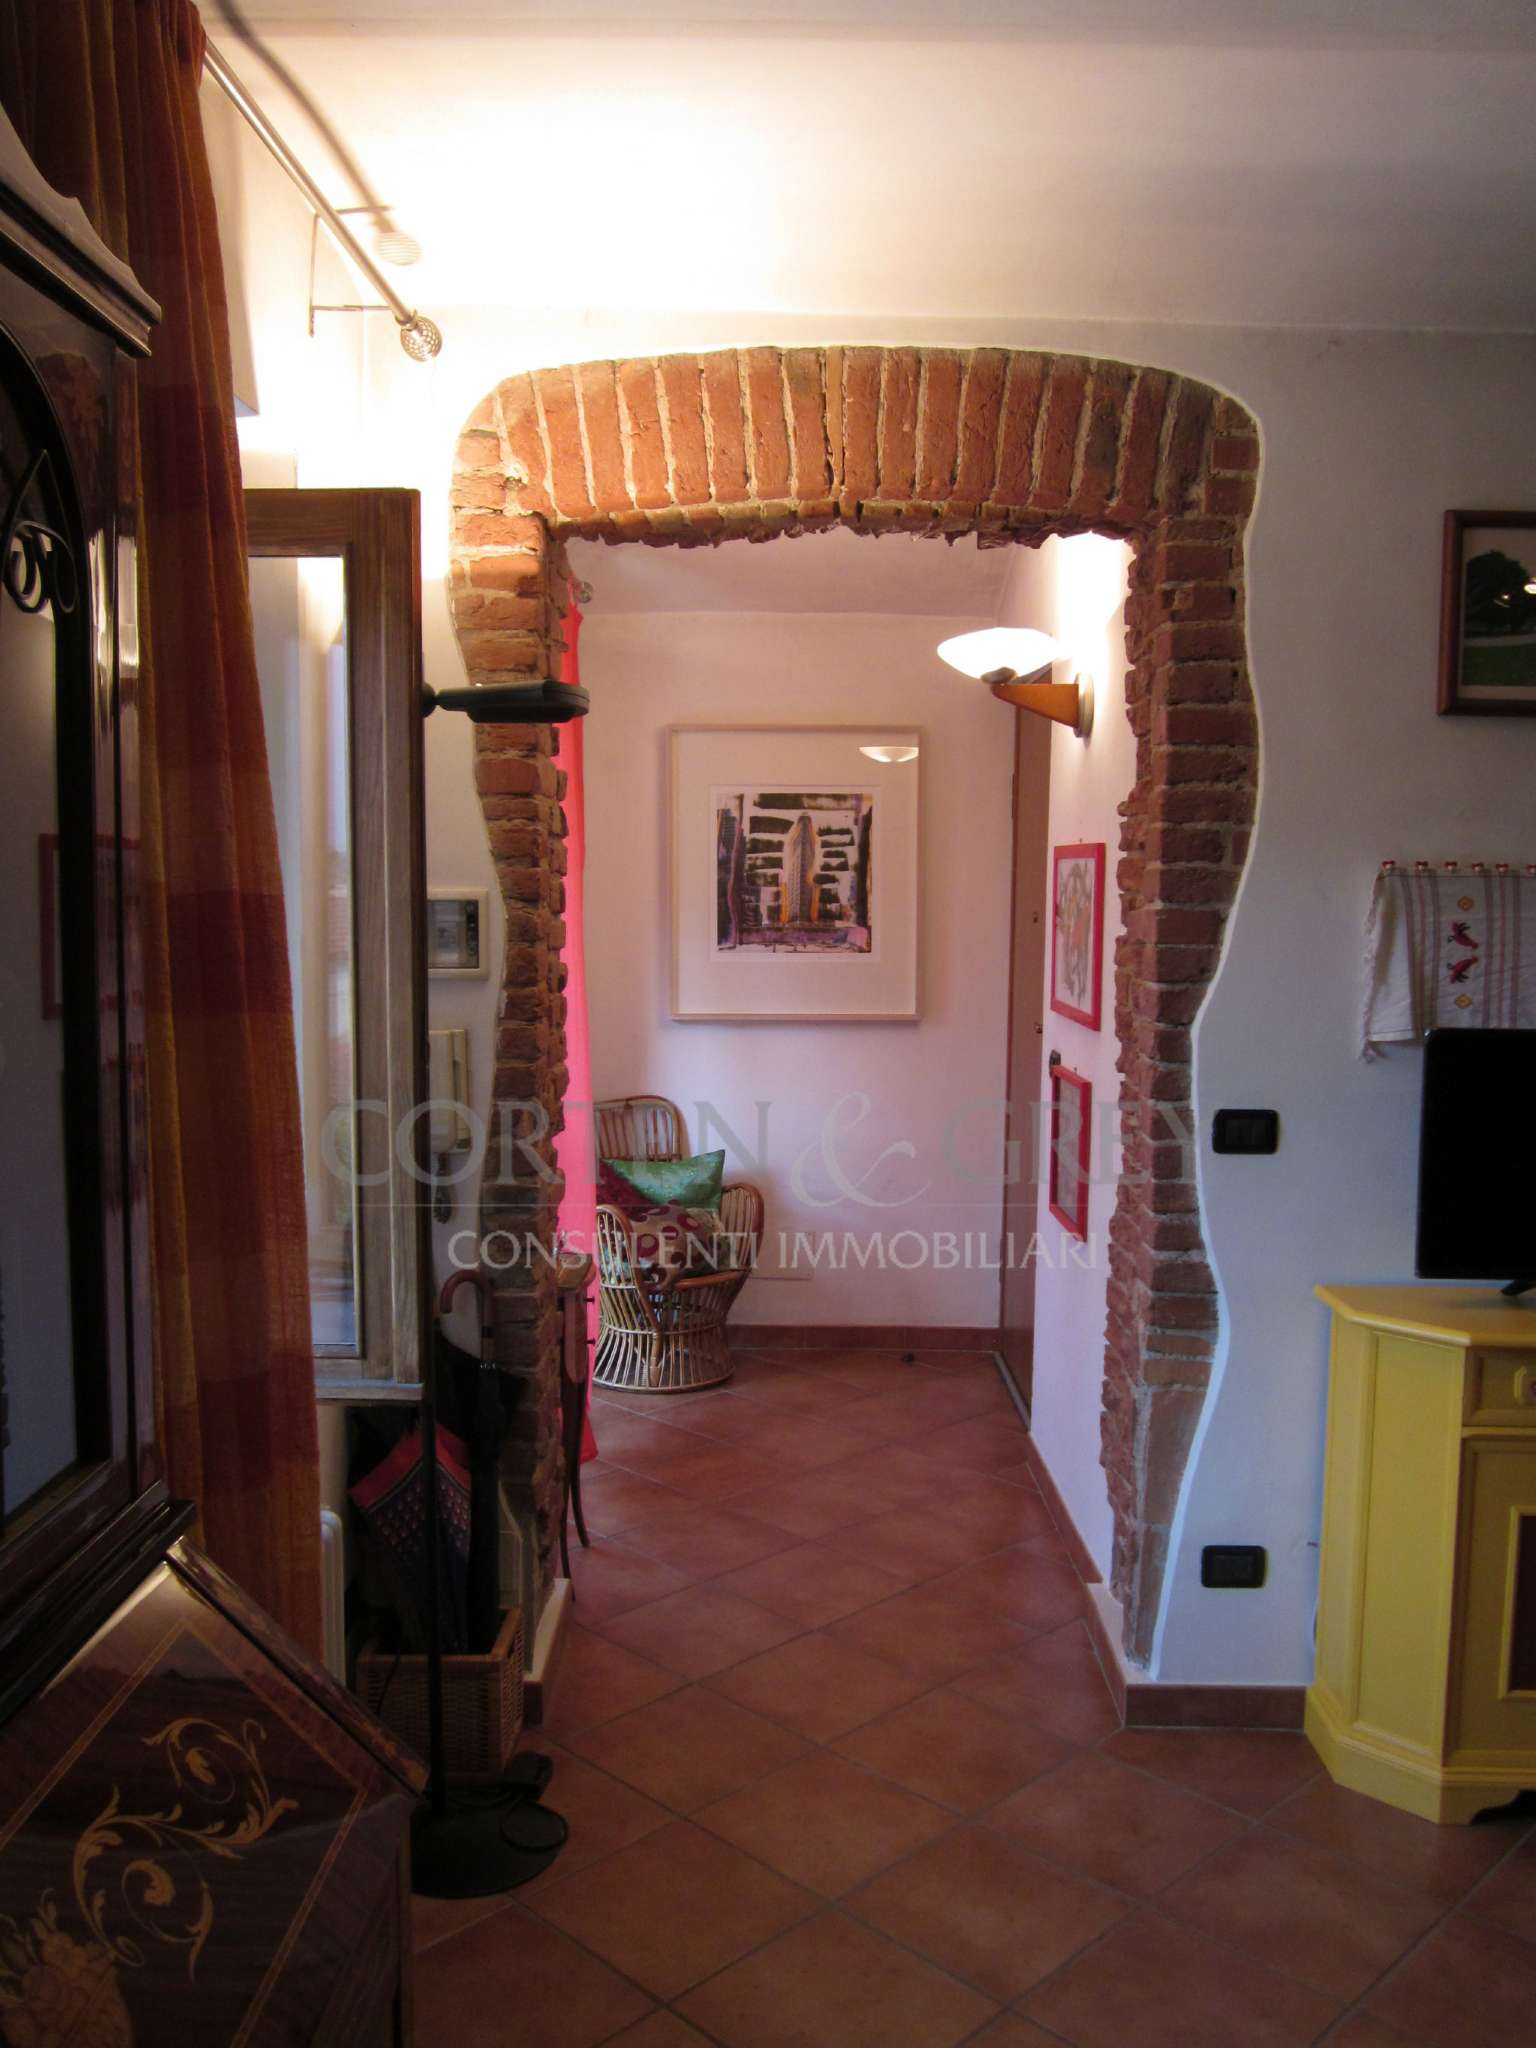 Appartamento in vendita a Castiglione Torinese, 3 locali, prezzo € 85.000 | CambioCasa.it